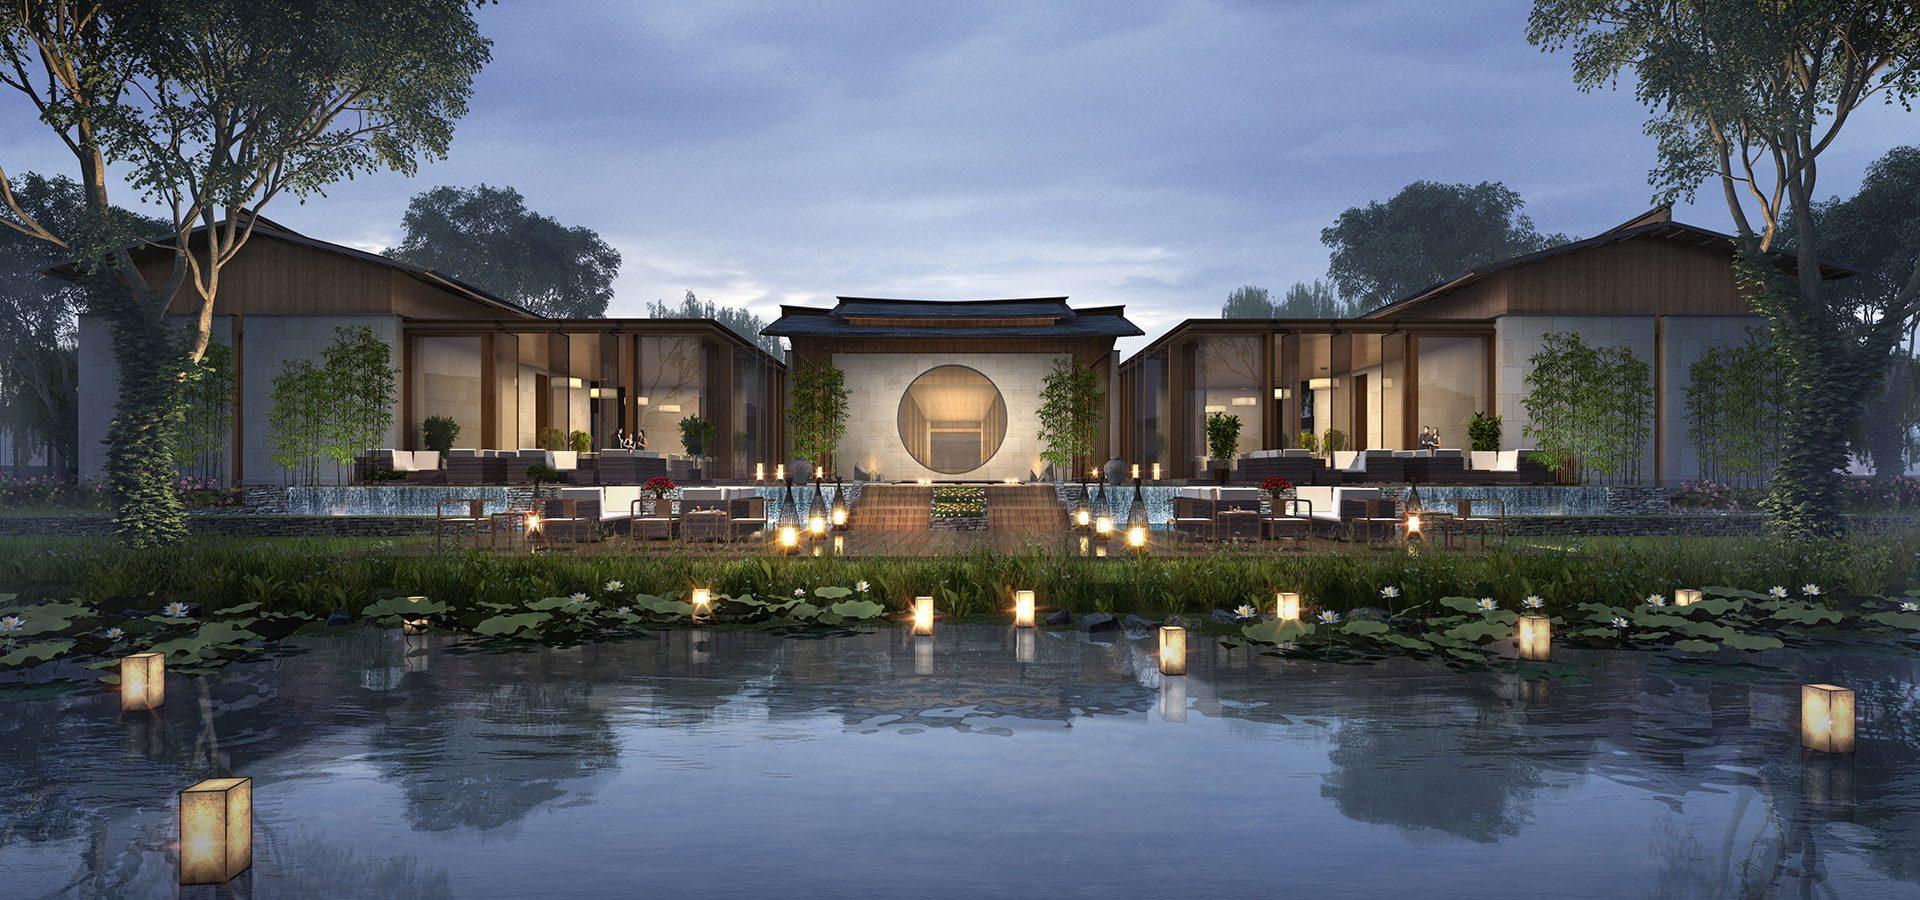 dusitthani-wellness-resort-suzhou-Lake view